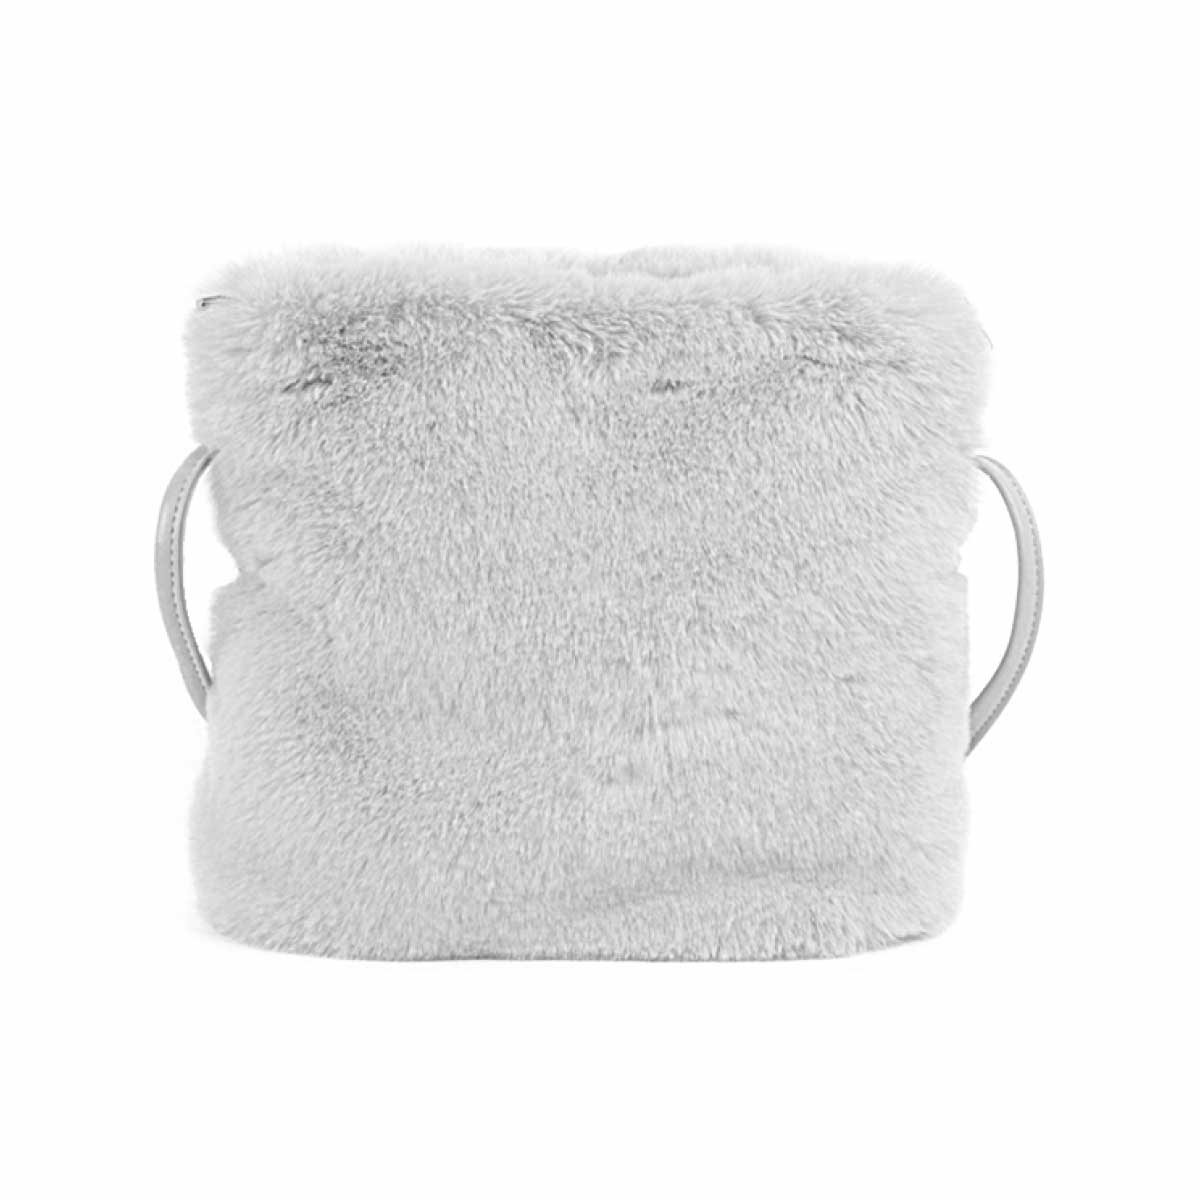 【予約販売】(8月中旬納品)冬 ファー ショルダーバッグ [ビビ] / レディース バッグ